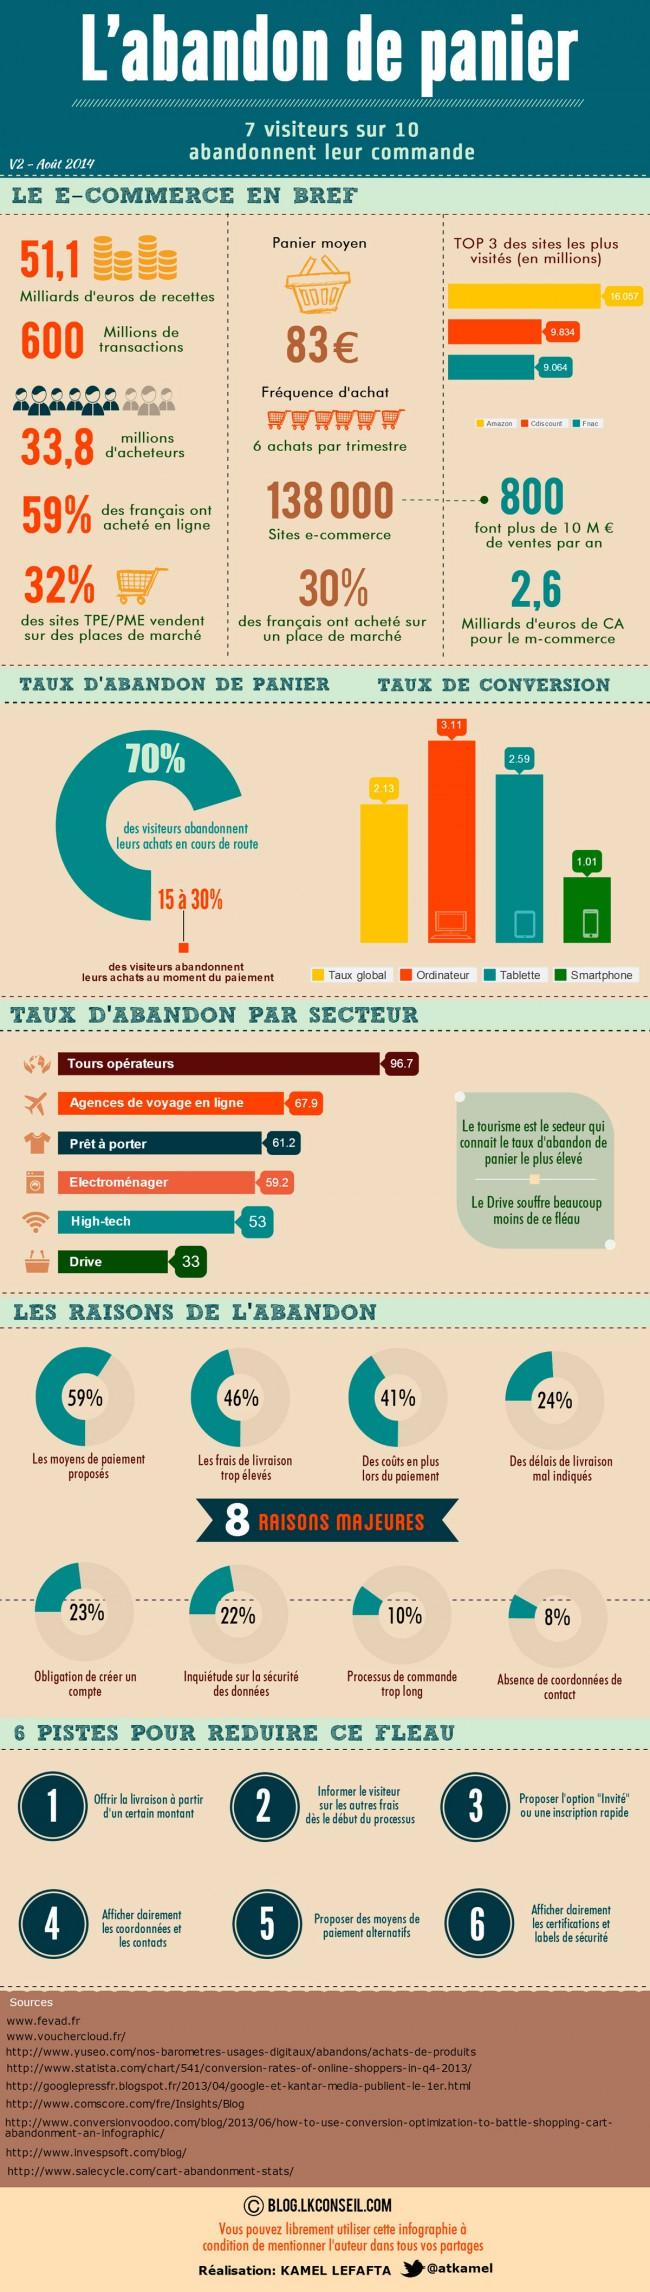 E-commerce : infographie sur l'abandon de panier